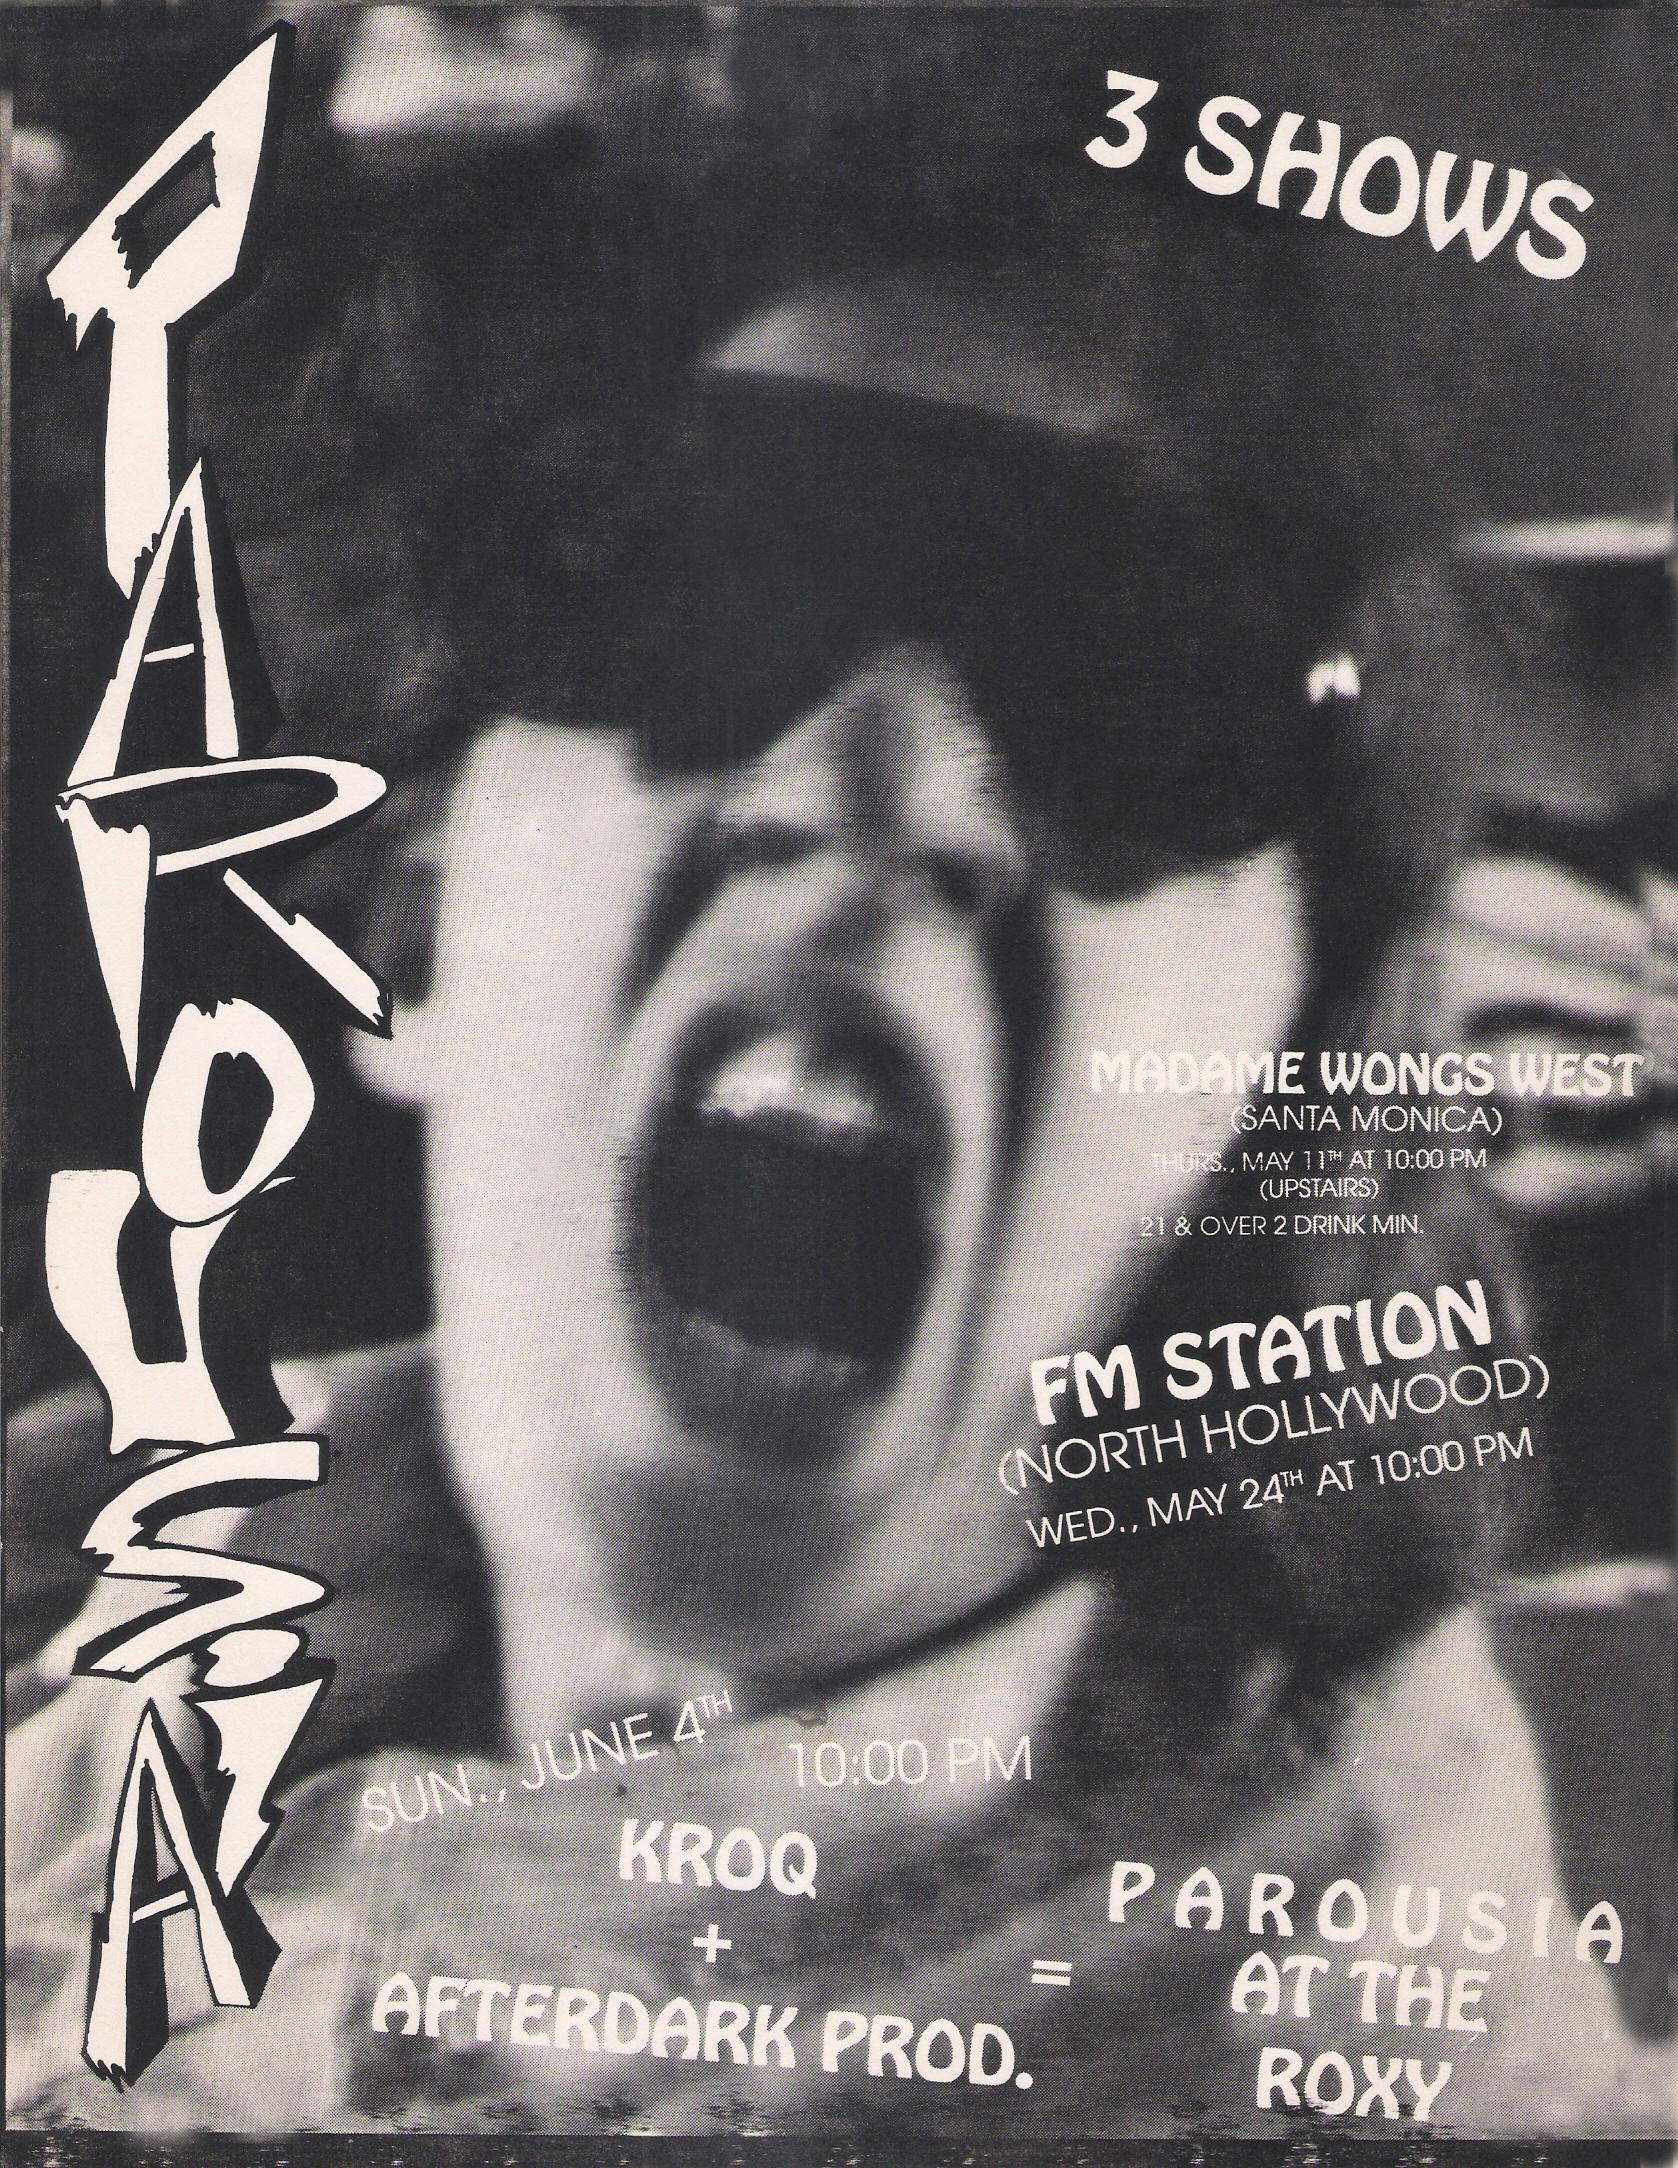 Parousia at the Roxy June 4th, 1989_v2